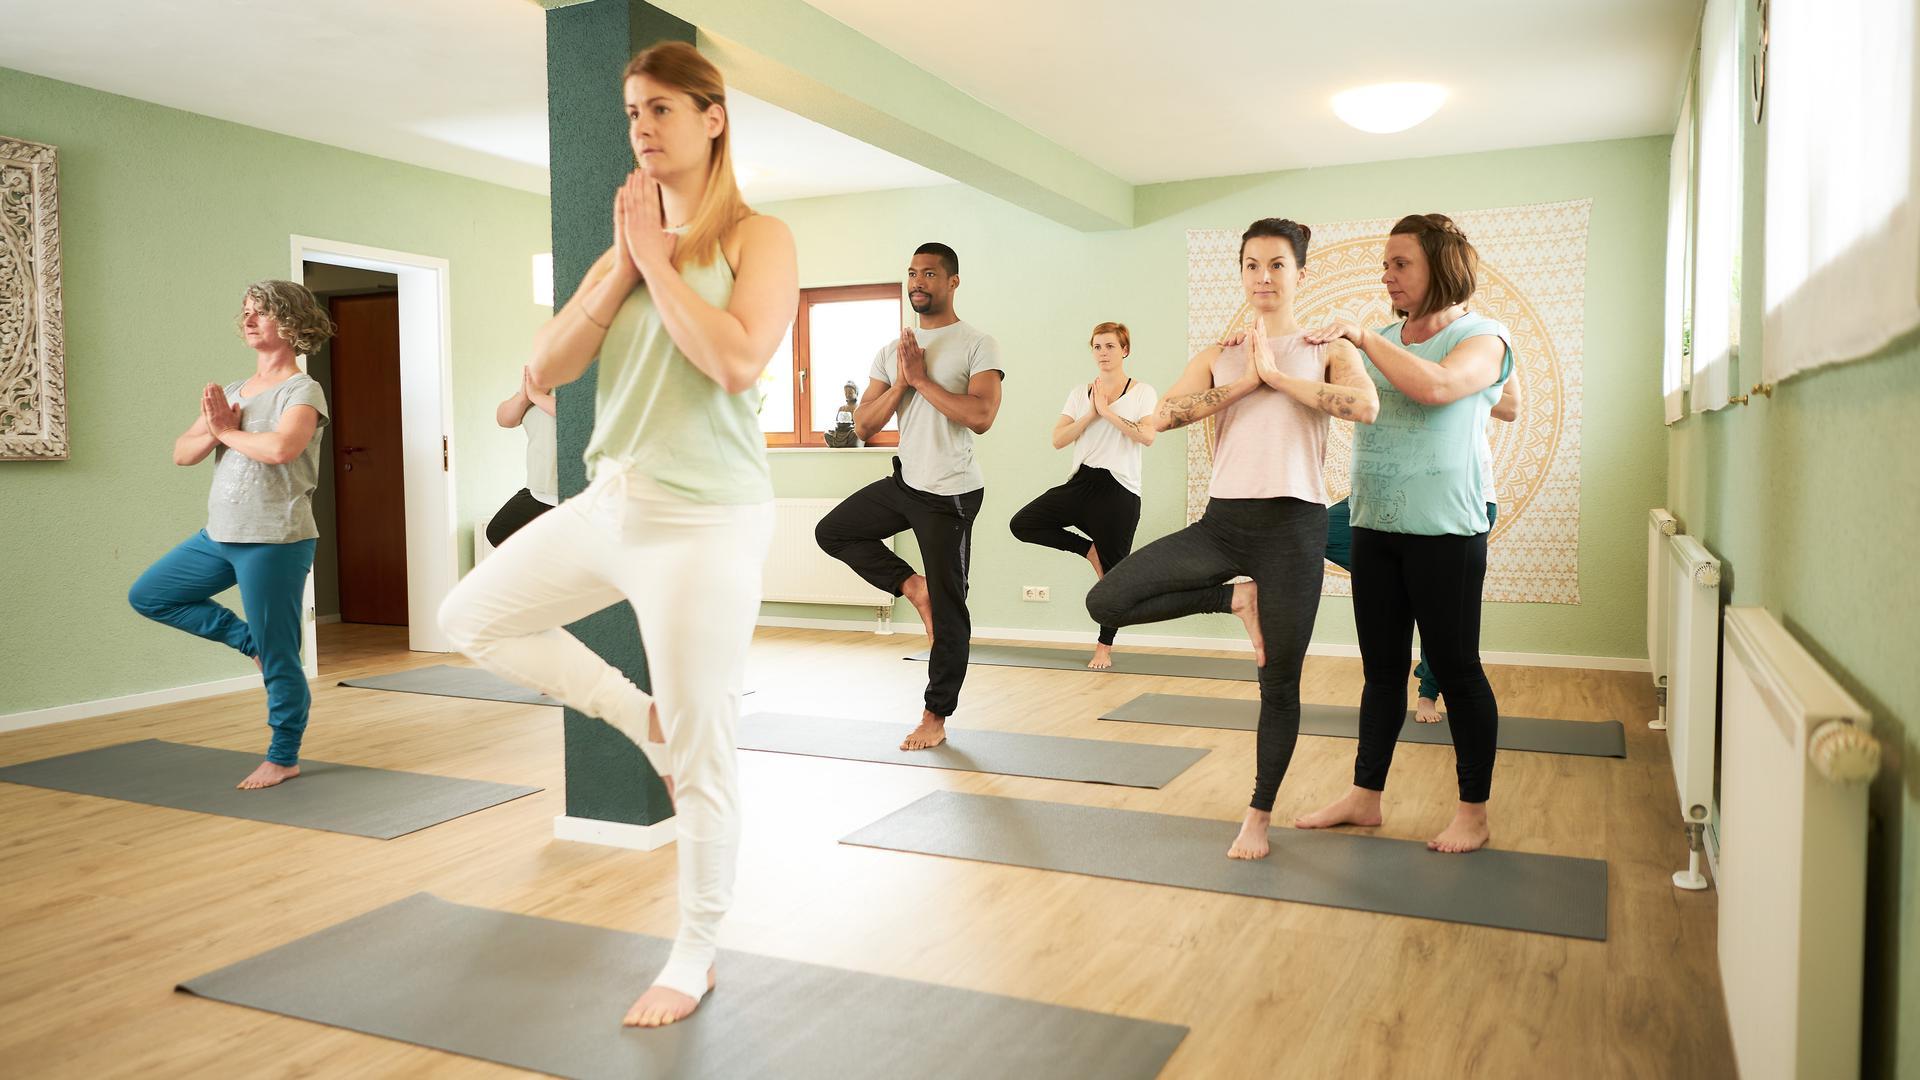 So sieht eine Yoga-Stunde in der Relaxzone vor Corona-Zeiten aus. Obwohl Nadine Bühler Online-Unterricht anbietet, stellt er für sie keinen Ersatz dar. Für sie kommt es beim Yoga auf das Zusammenkommen von Menschen an.